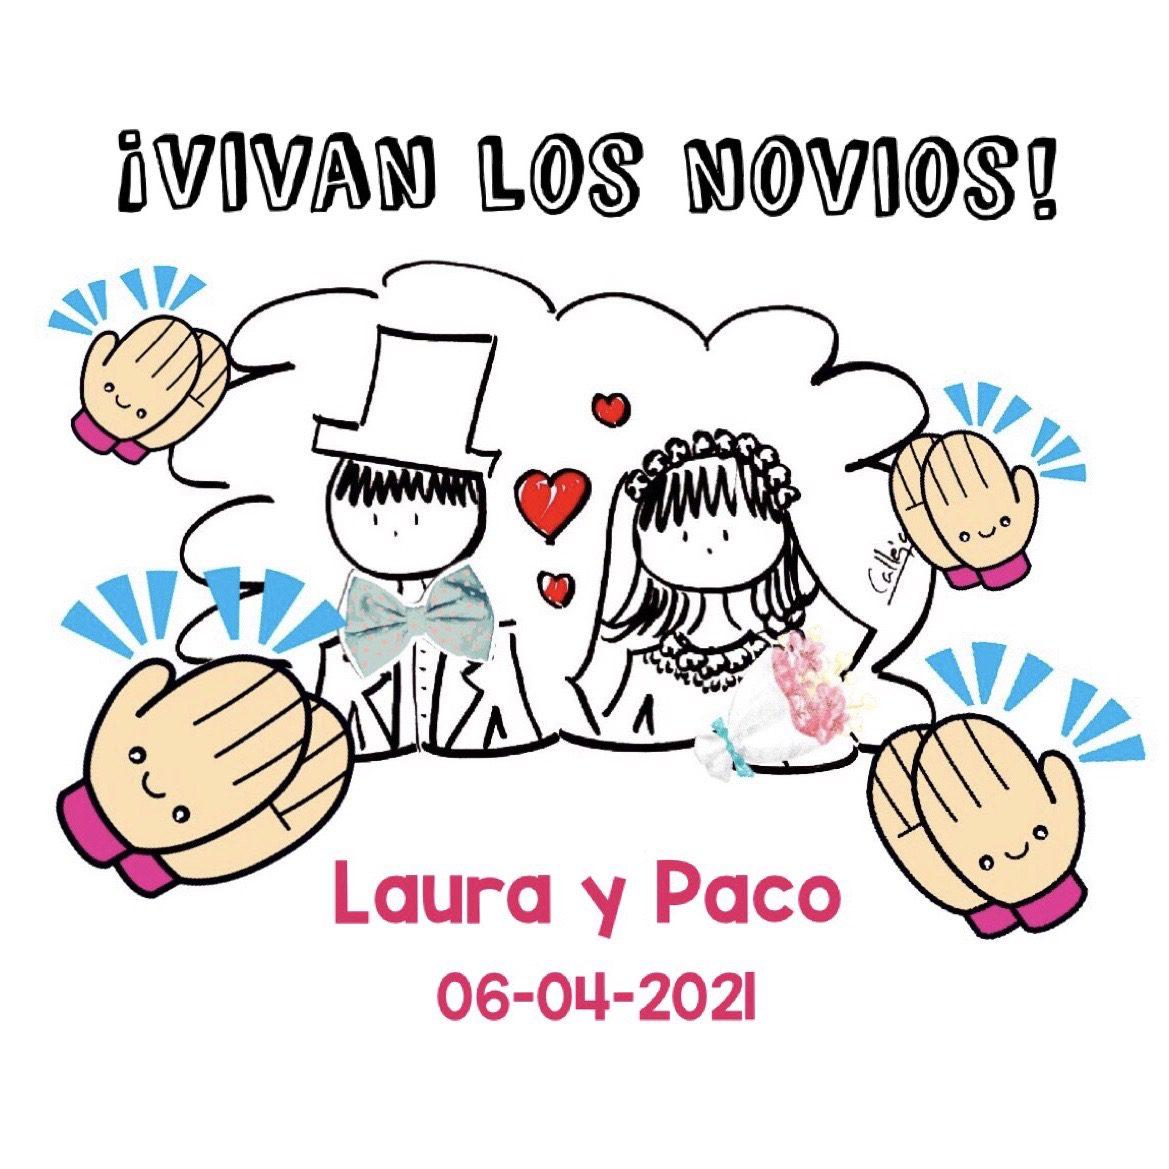 VIVAN LOS NOVIOS